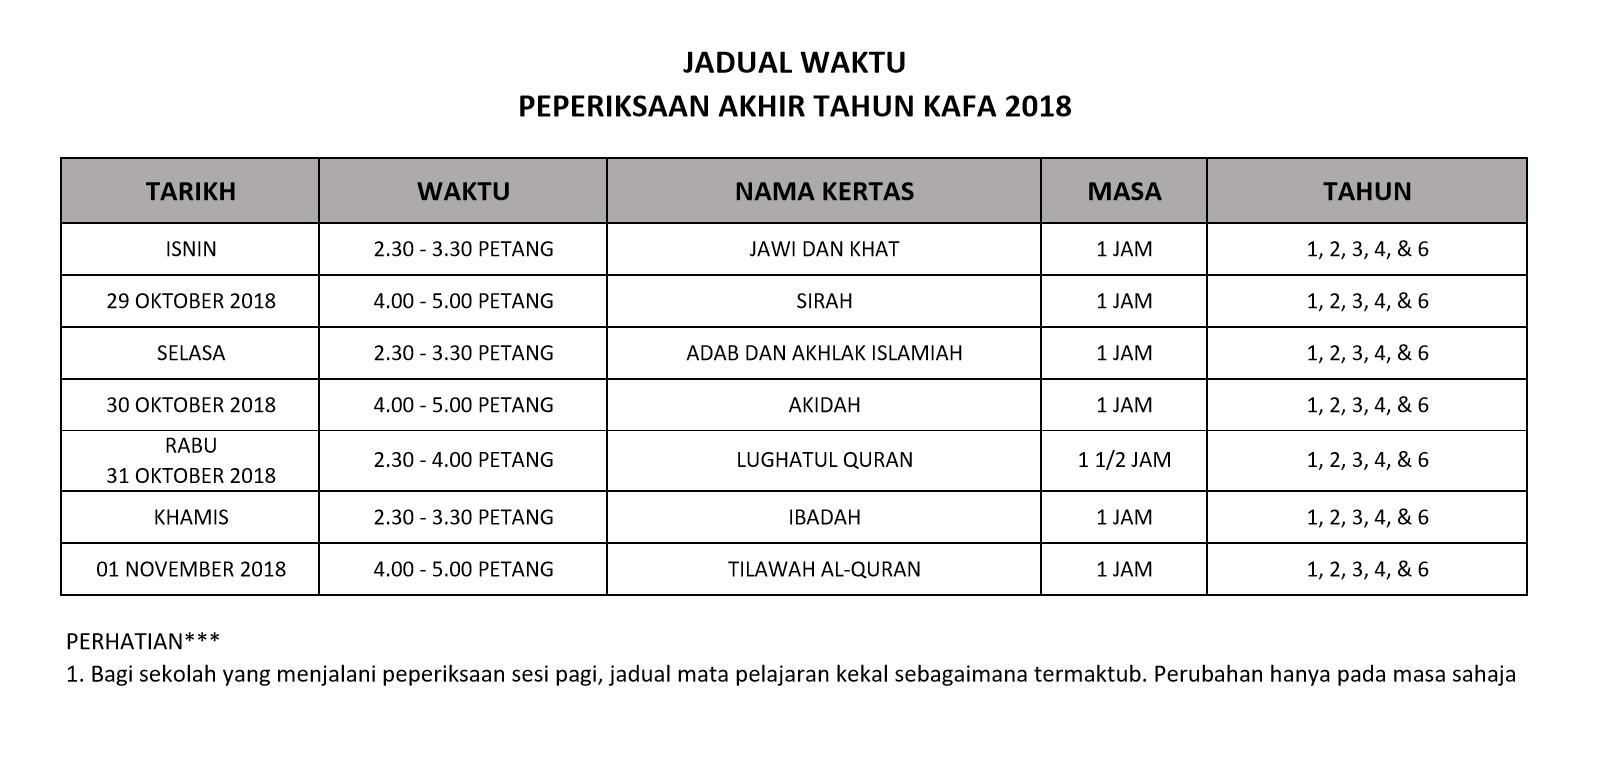 Jadual Peperiksaan Akhir Tahun Kafa 2018 Persatuan Guru Guru Sar Kafa Daerah Kuantan